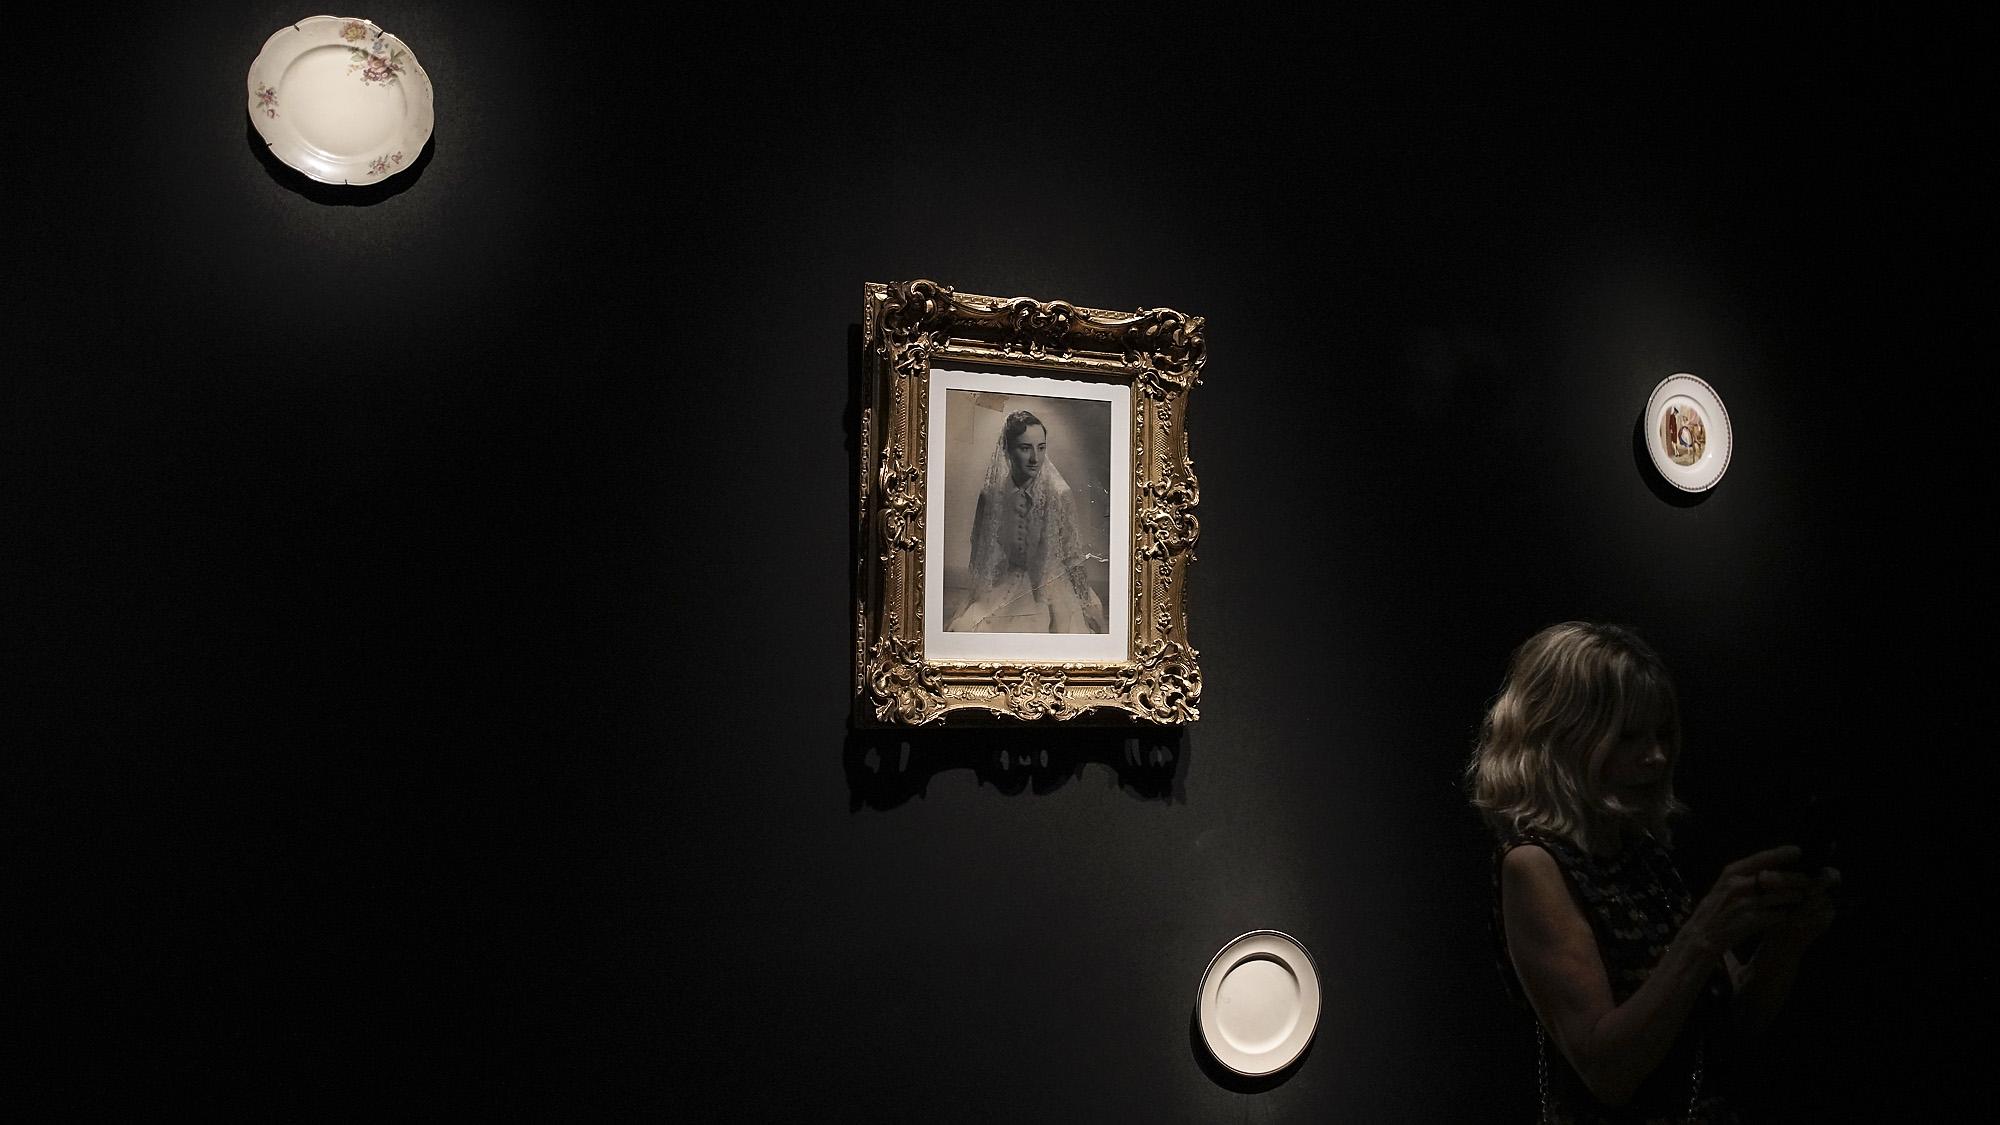 Las obras de De Loof serán exhibidas en el Museo de Arte Moderno de Buenos Aires, hasta el 26 de abril de 2020